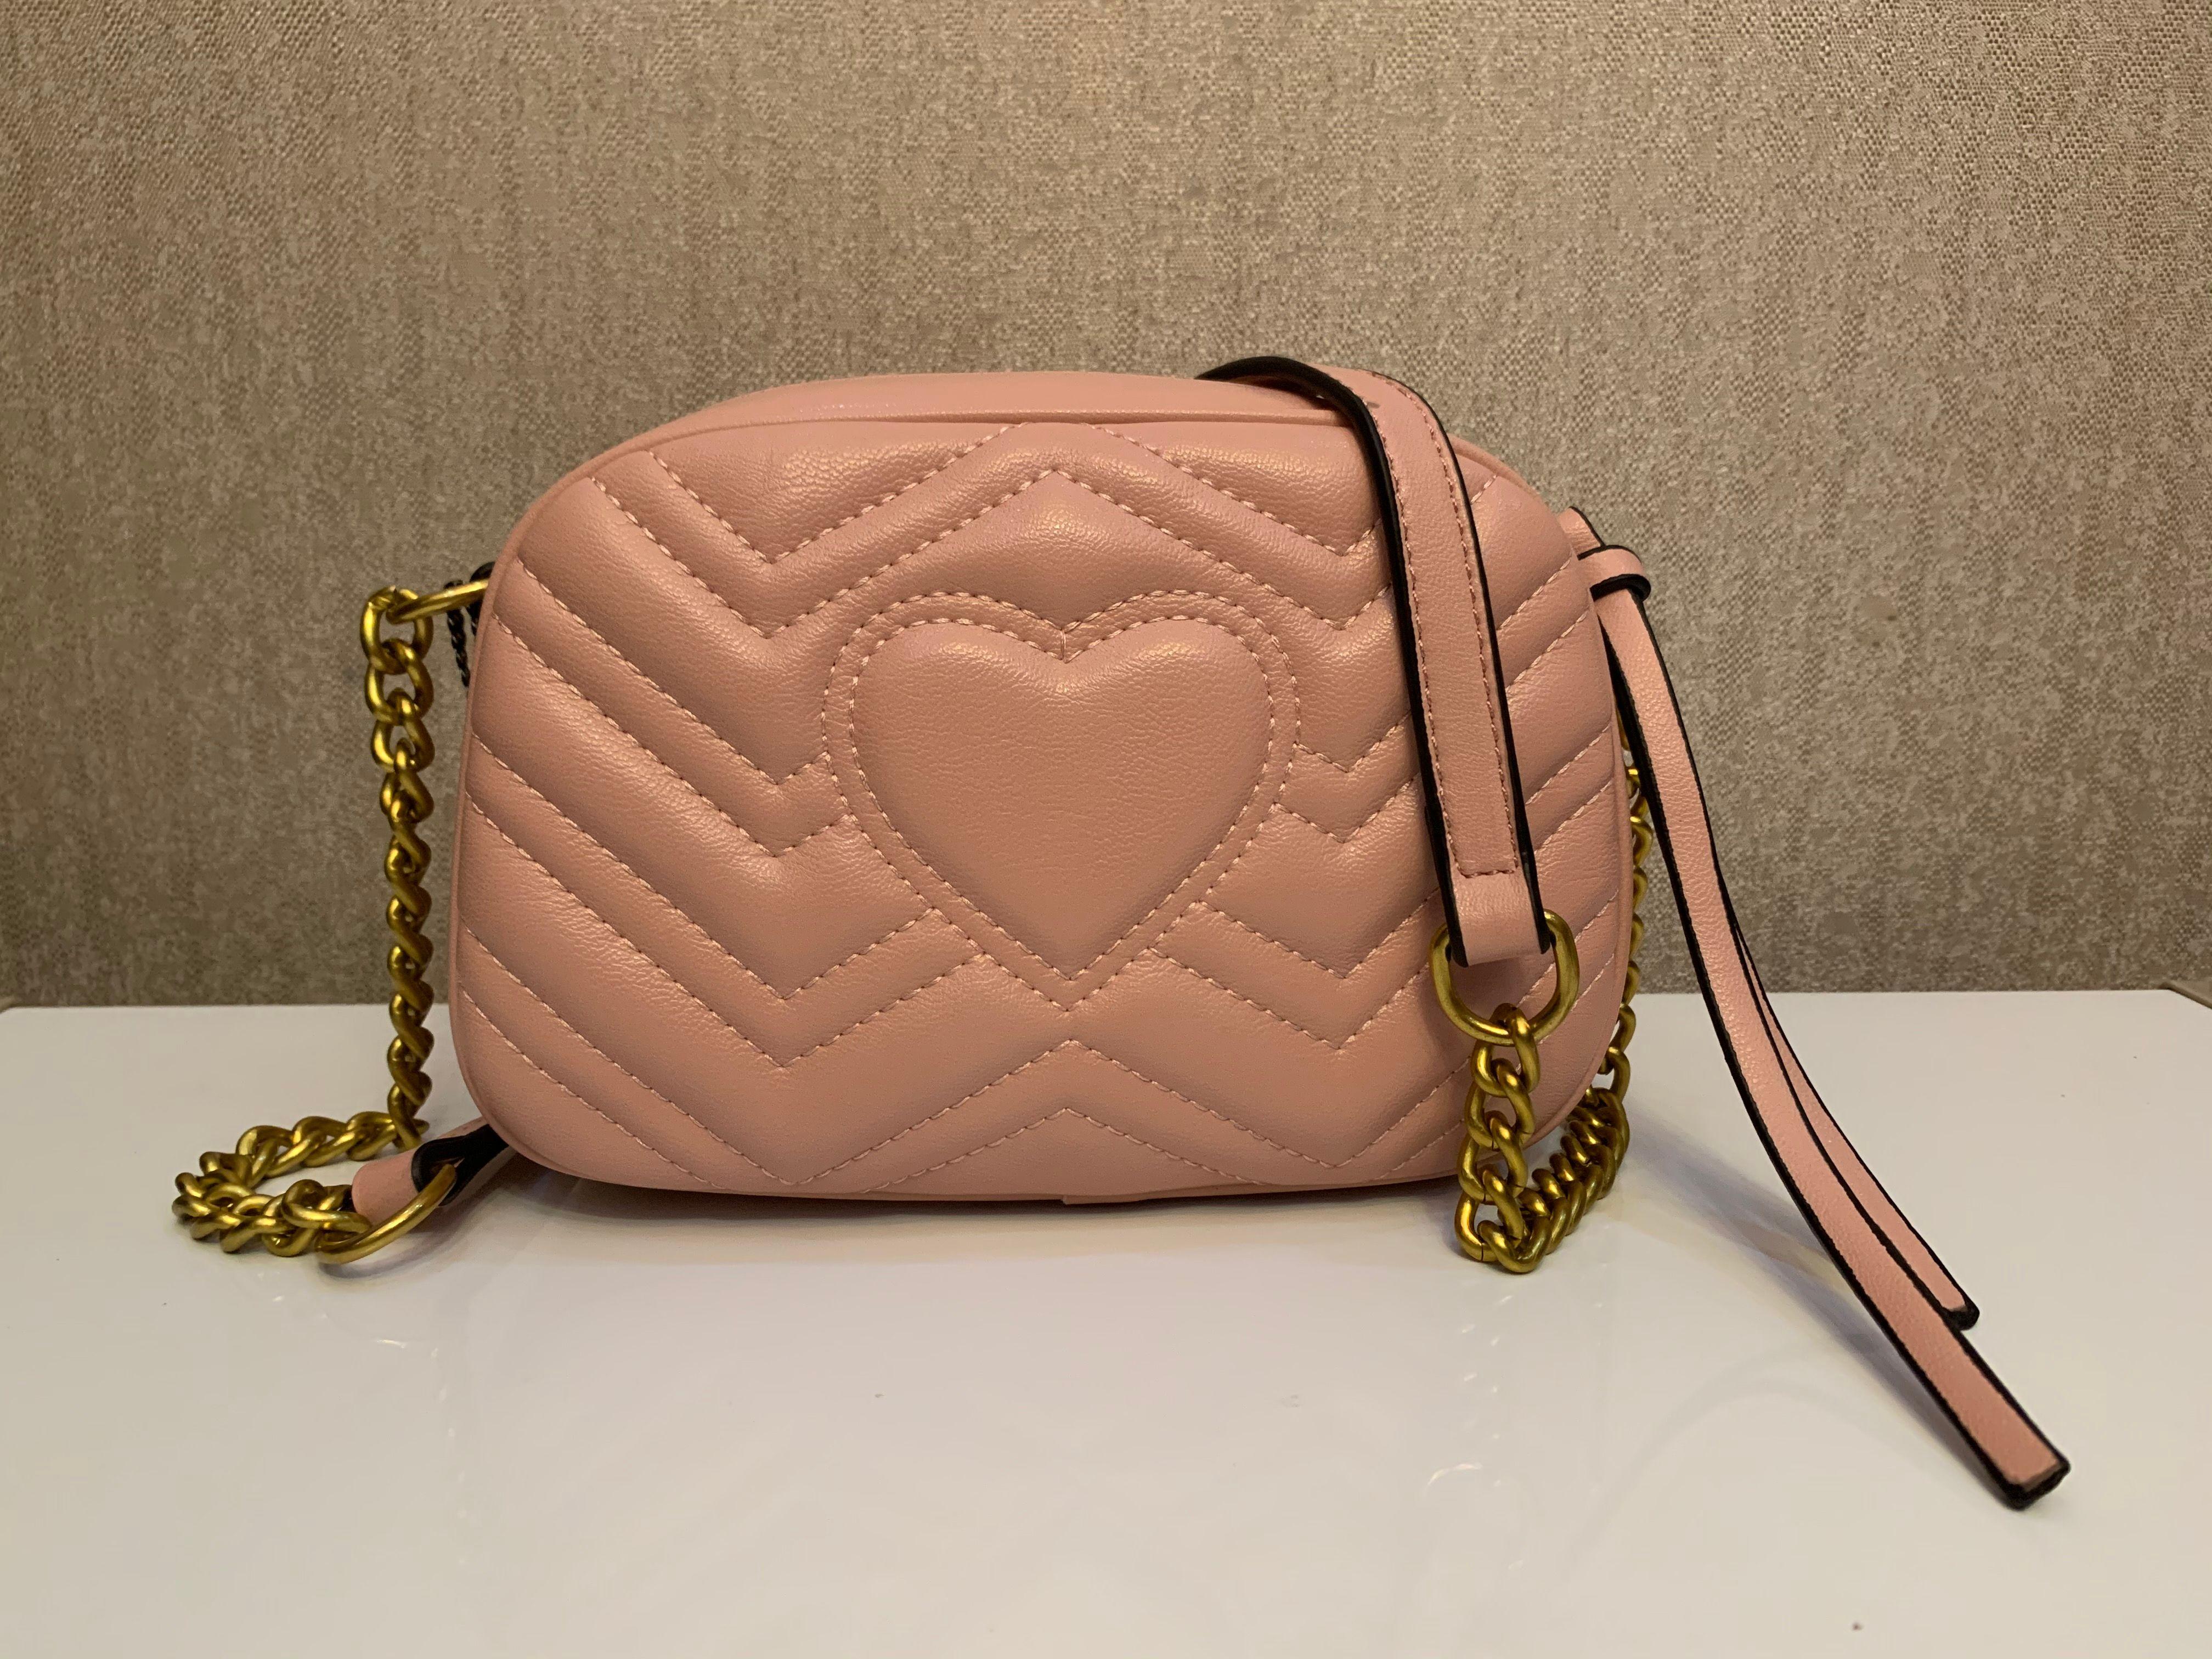 Die meisten kleinen Tasche Neueste Feminina Handtaschen Stil Brieftasche Beliebte Taschen Frauen 2021 21 cm crvsm